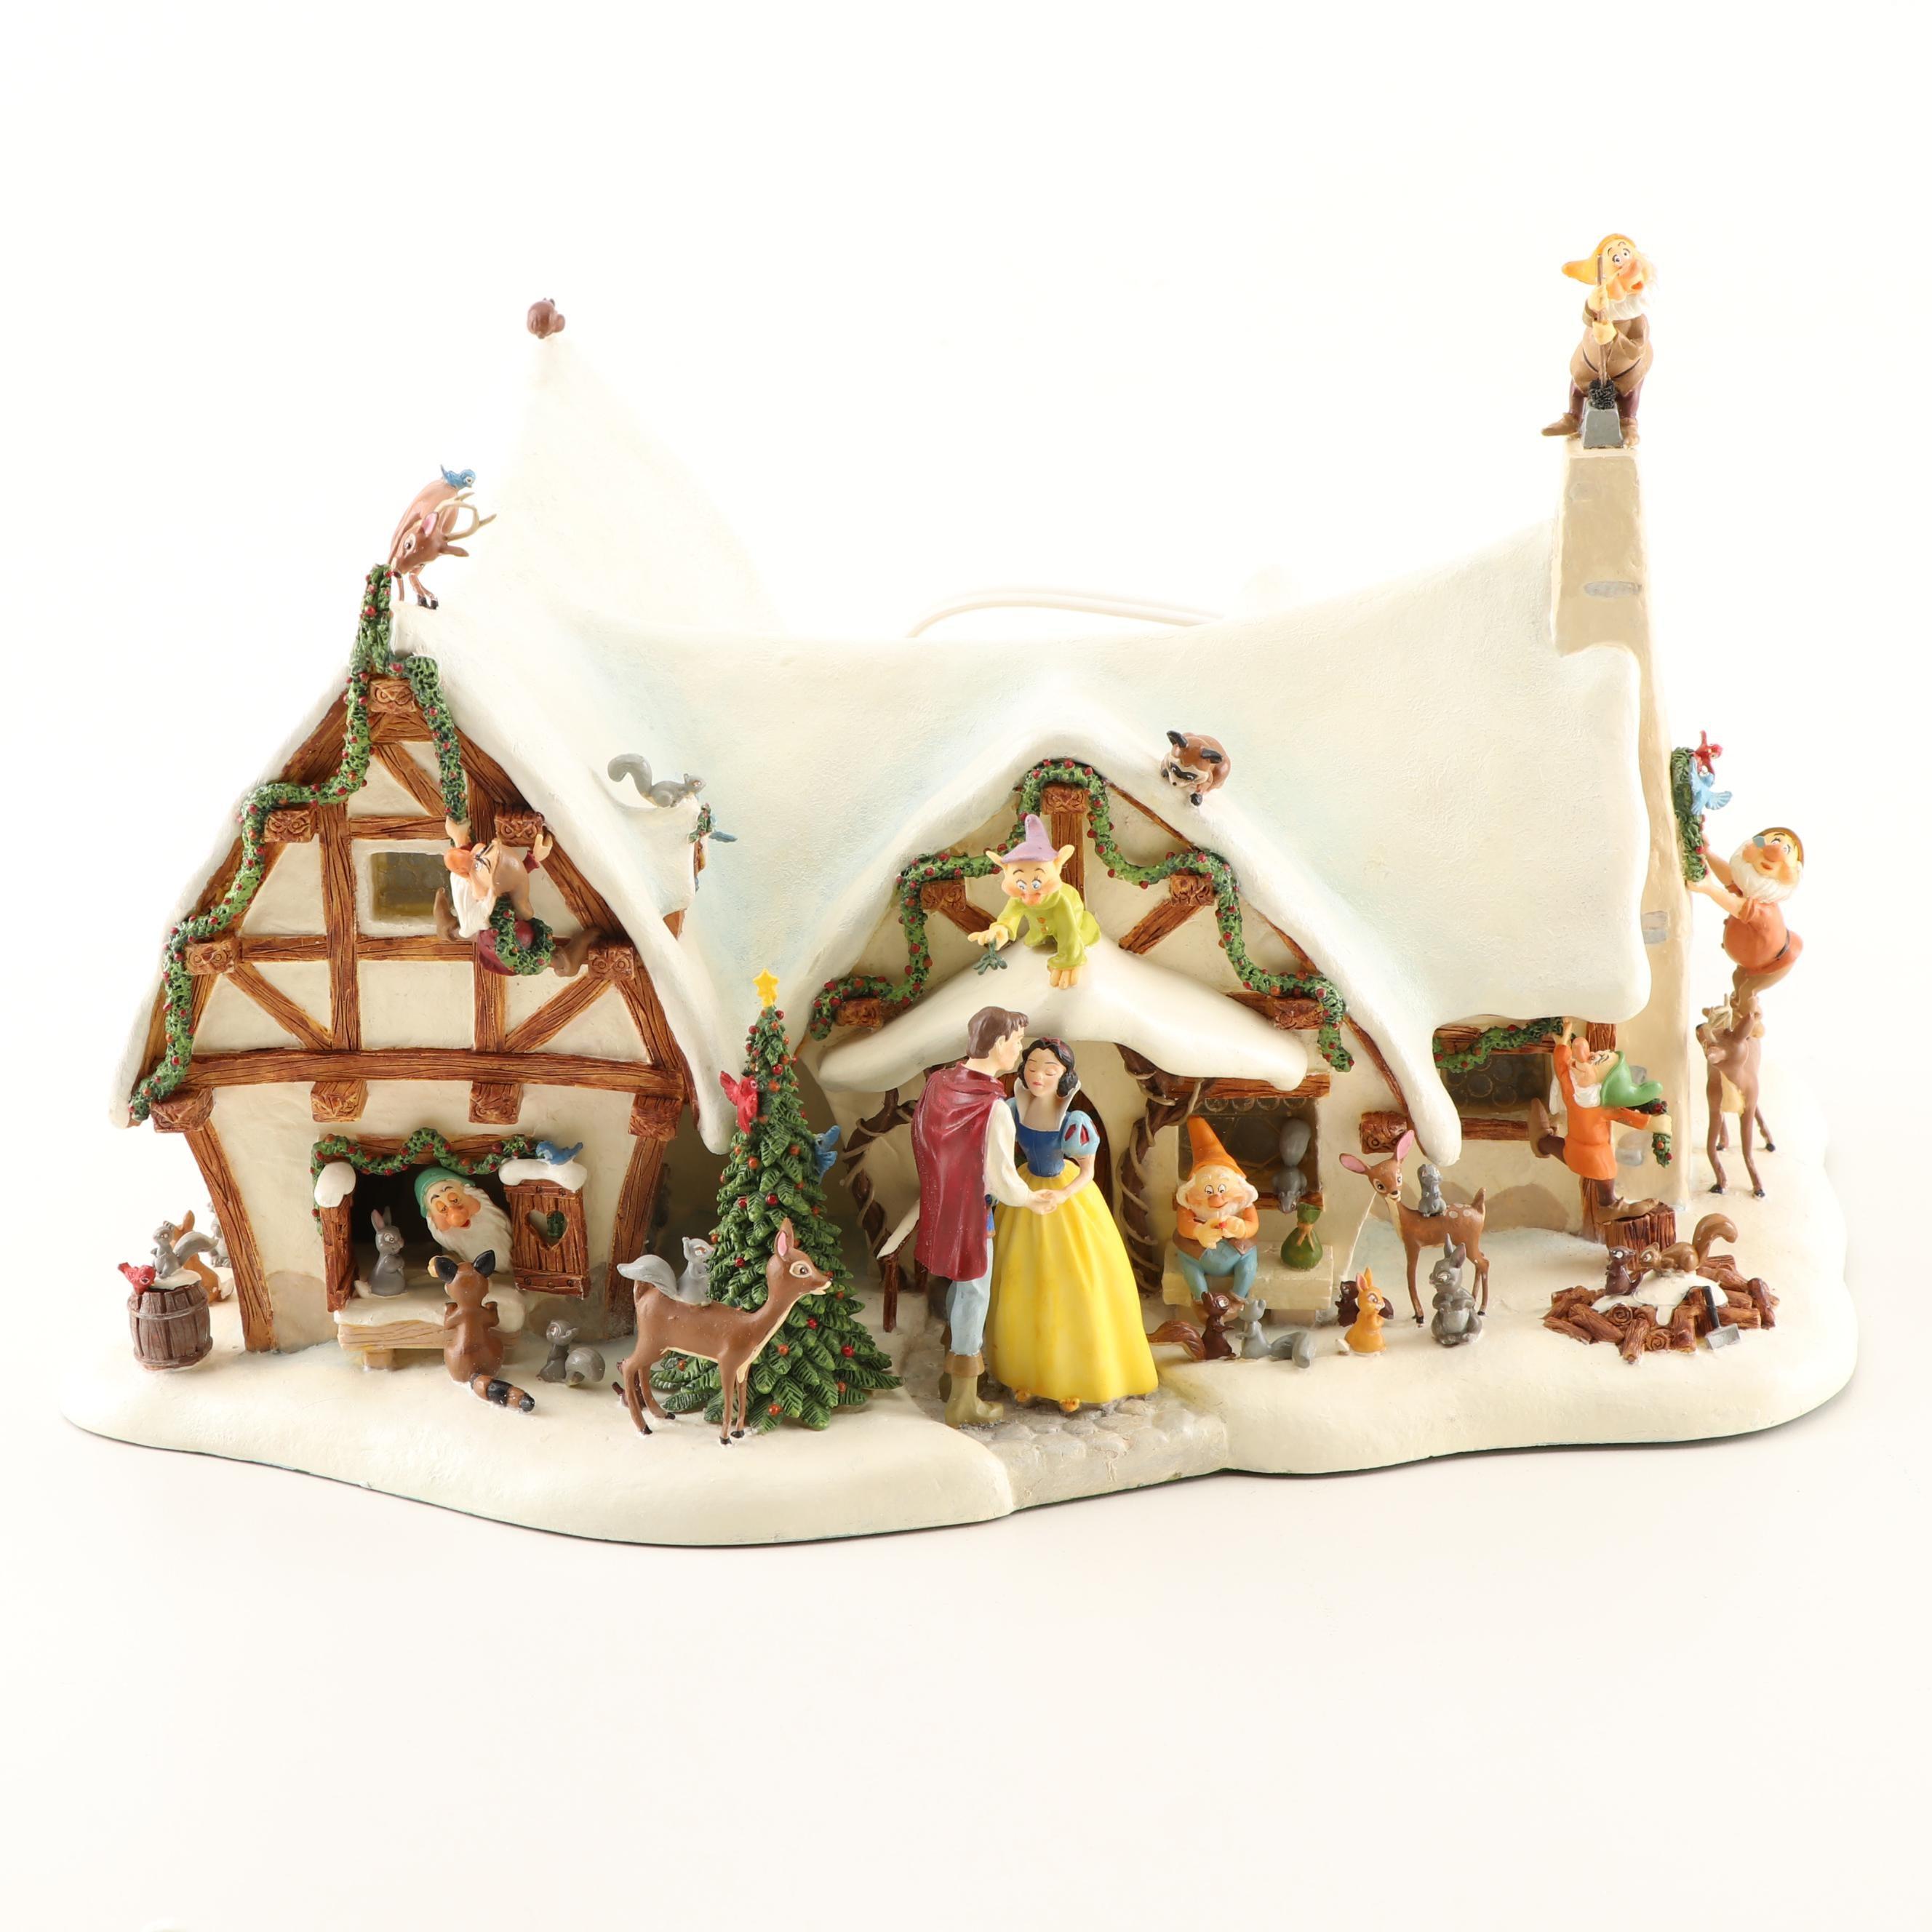 Walt Disney's Snow White Christmas Cottage